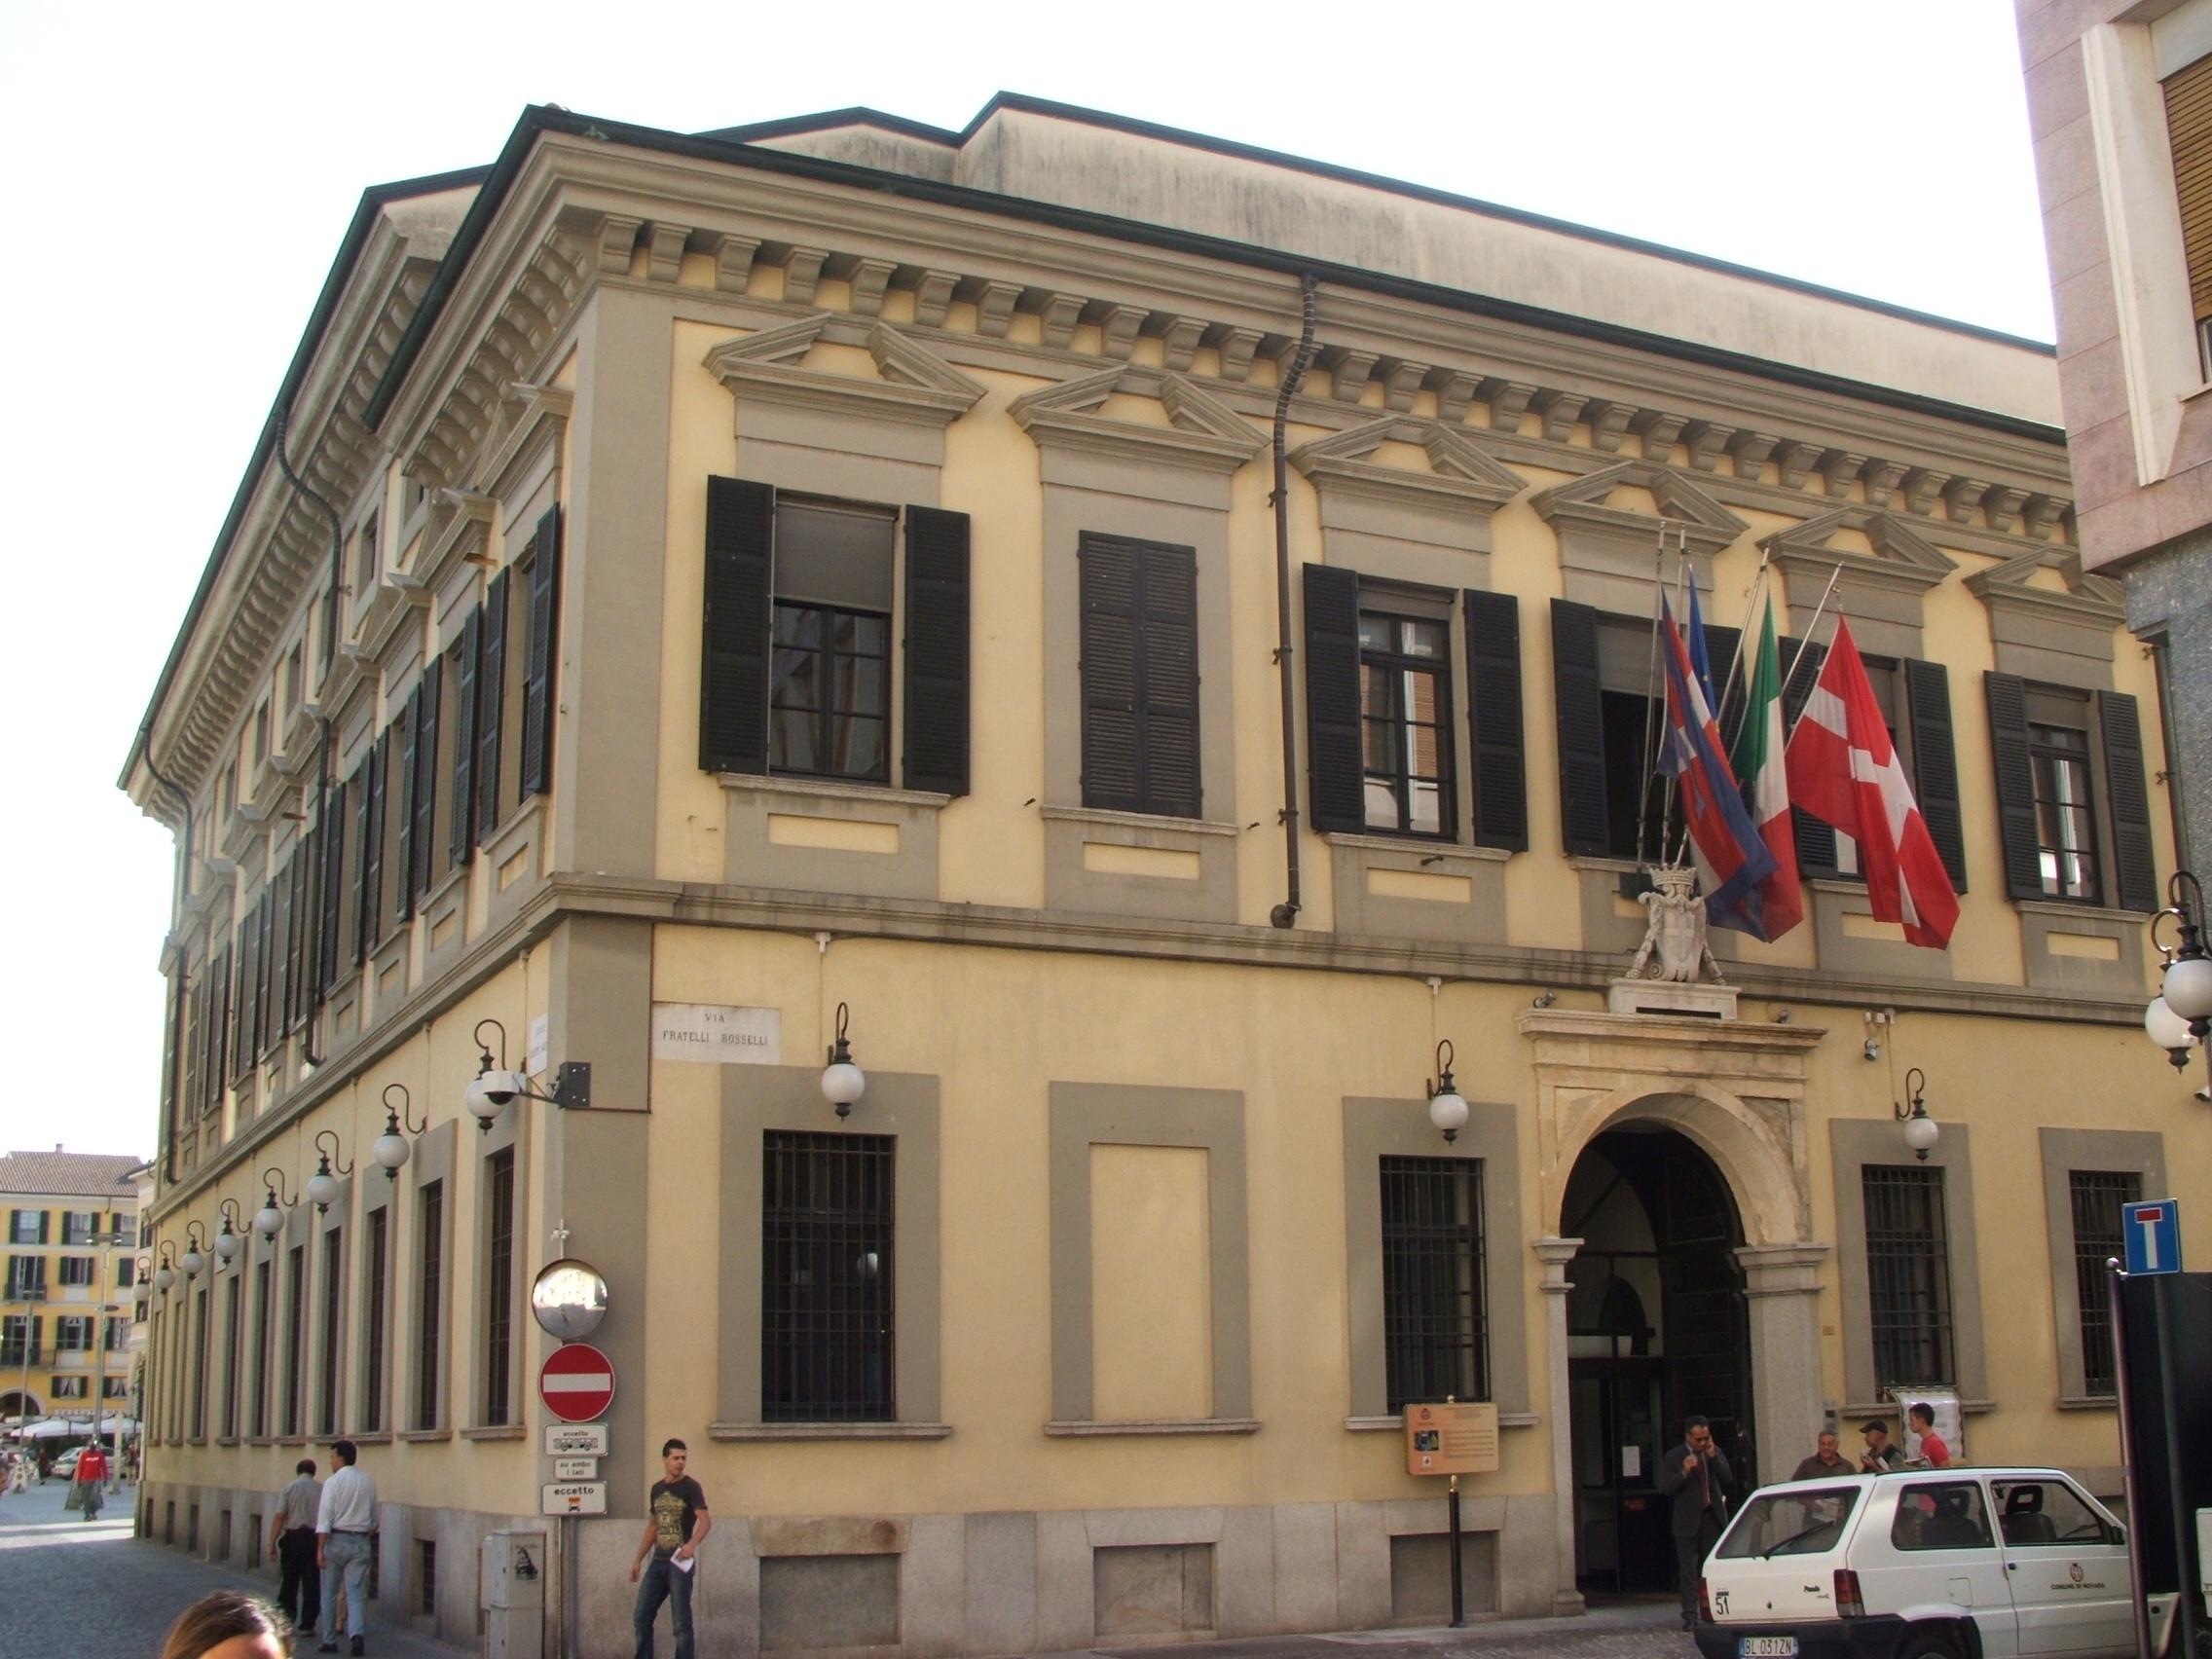 La Lega Nord interroga Sindaco e assessore sull'affidamento della caffetteria Broletto